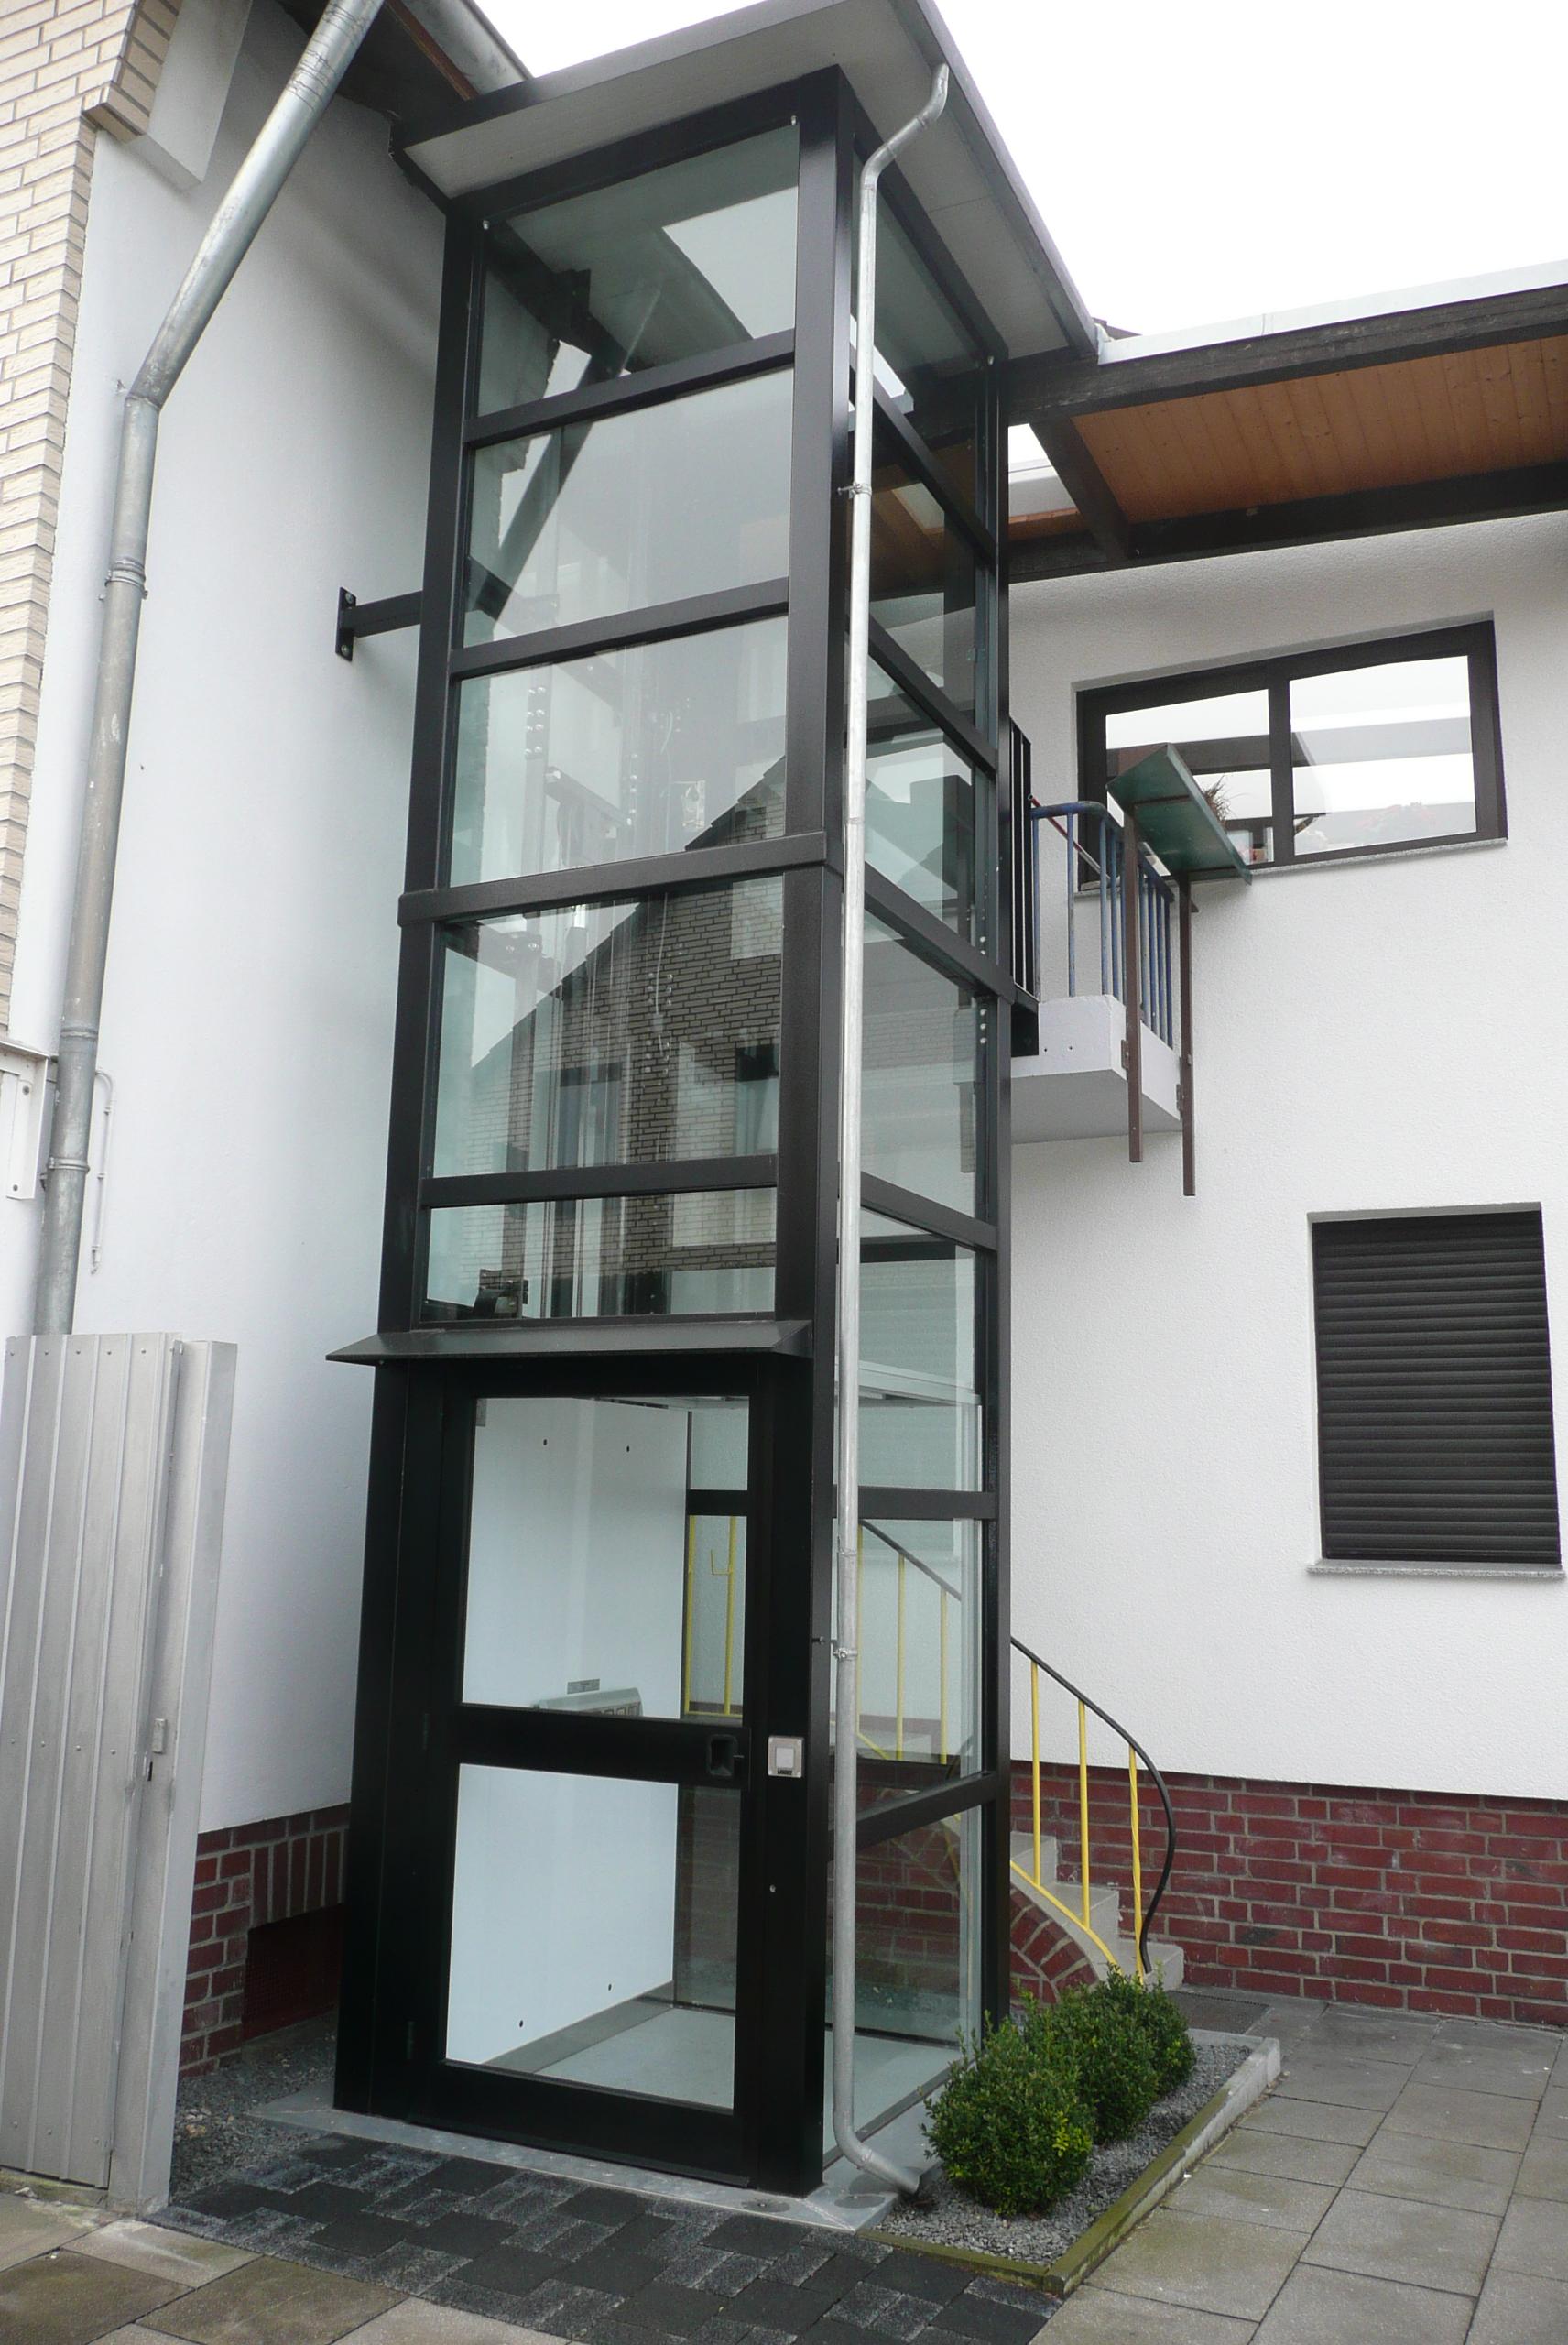 Außenaufzug aus Glas neben zweistöckigem Haus